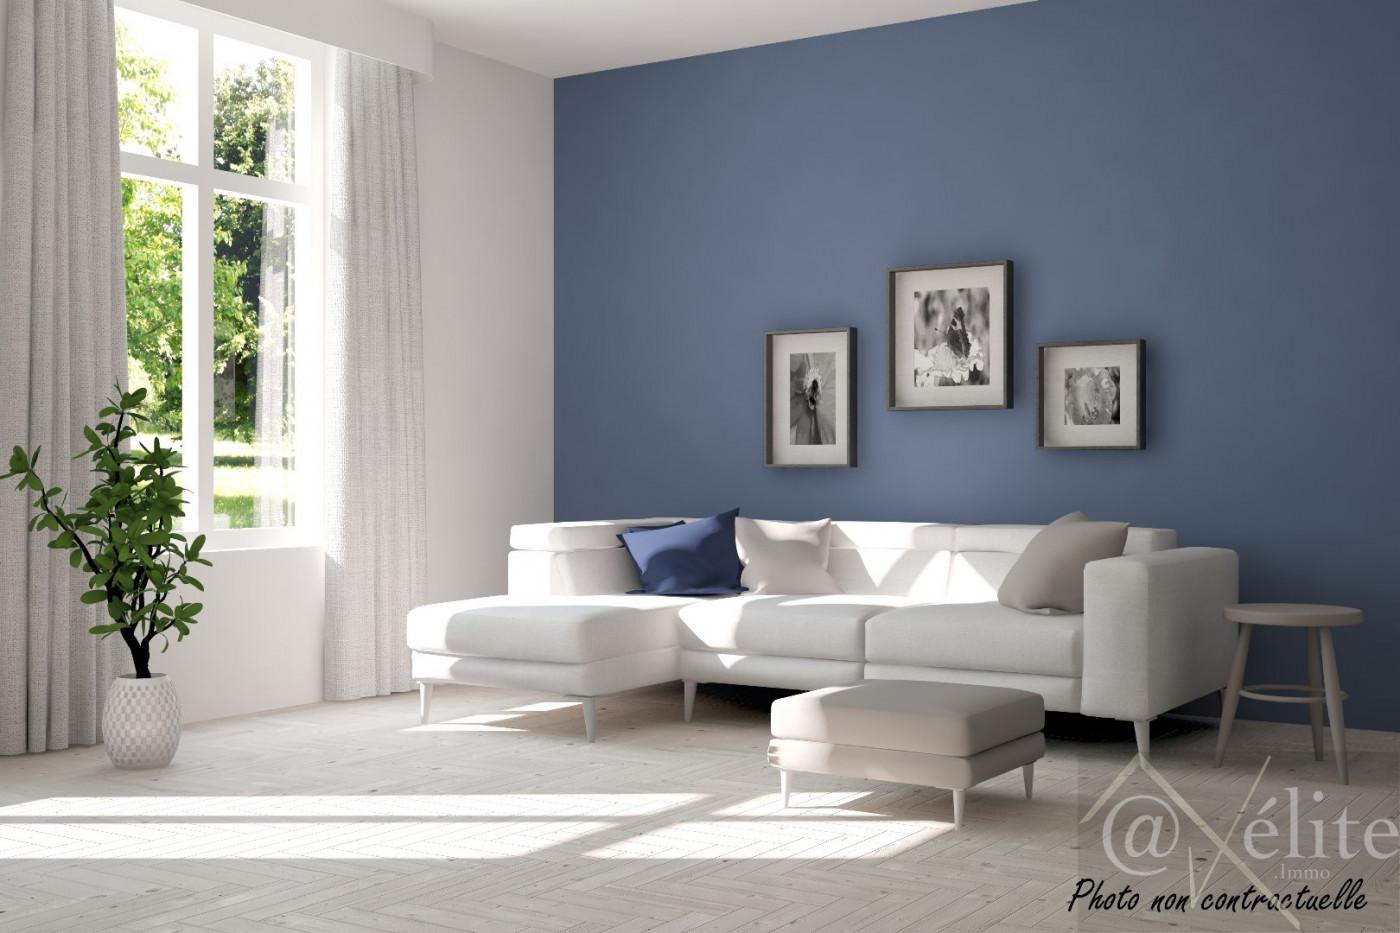 A vendre Neuilly Sur Marne 777921734 Axelite sas